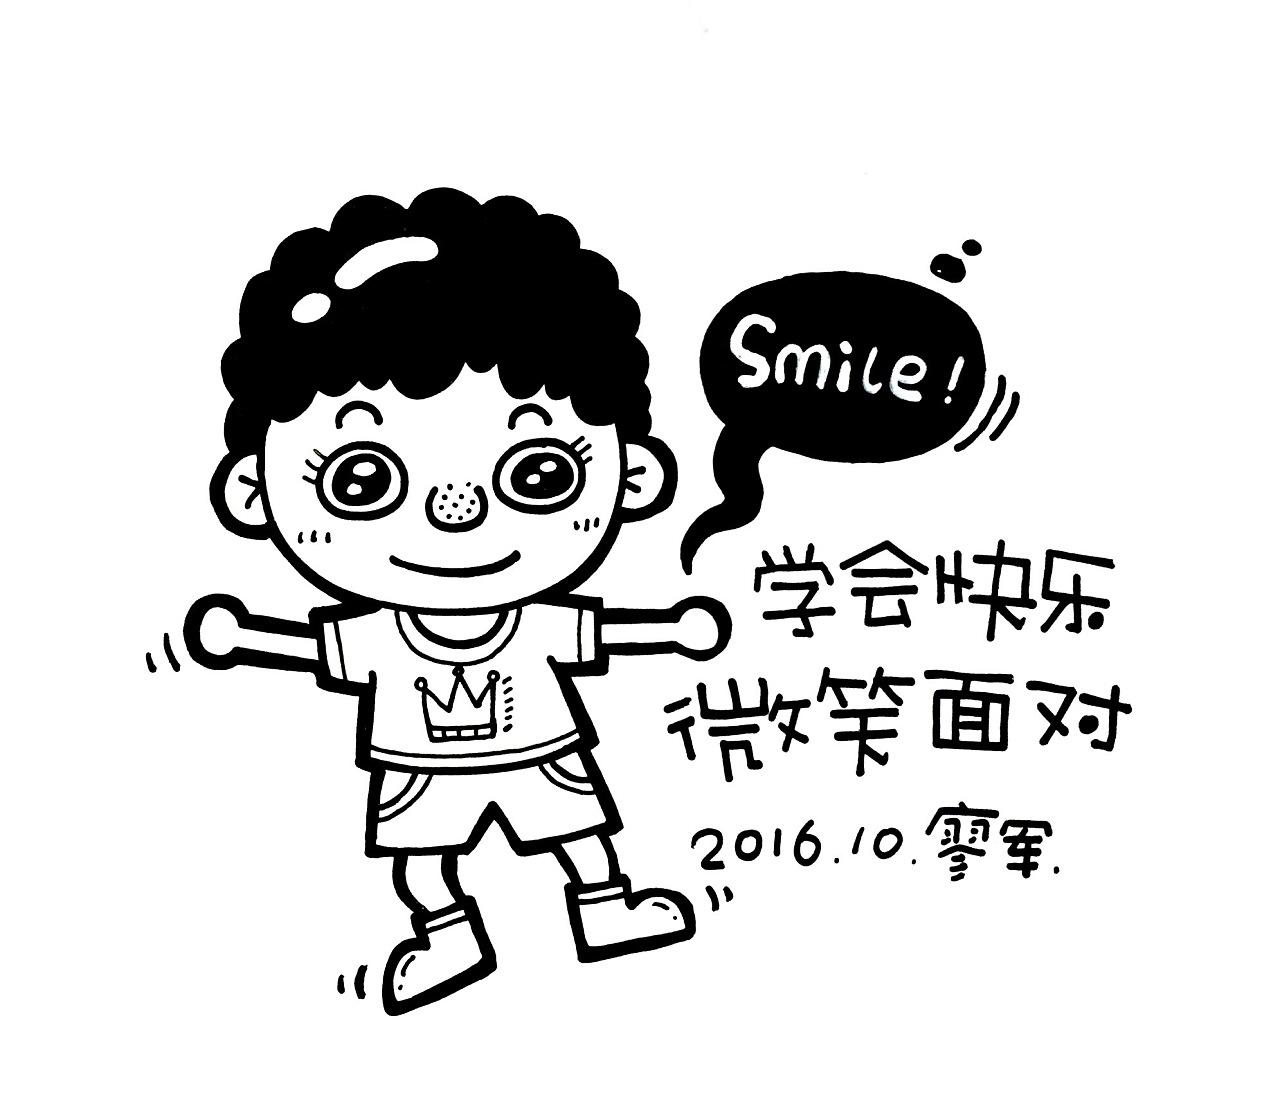 手绘pop|插画|其他插画|廖军 - 原创作品 - 站酷